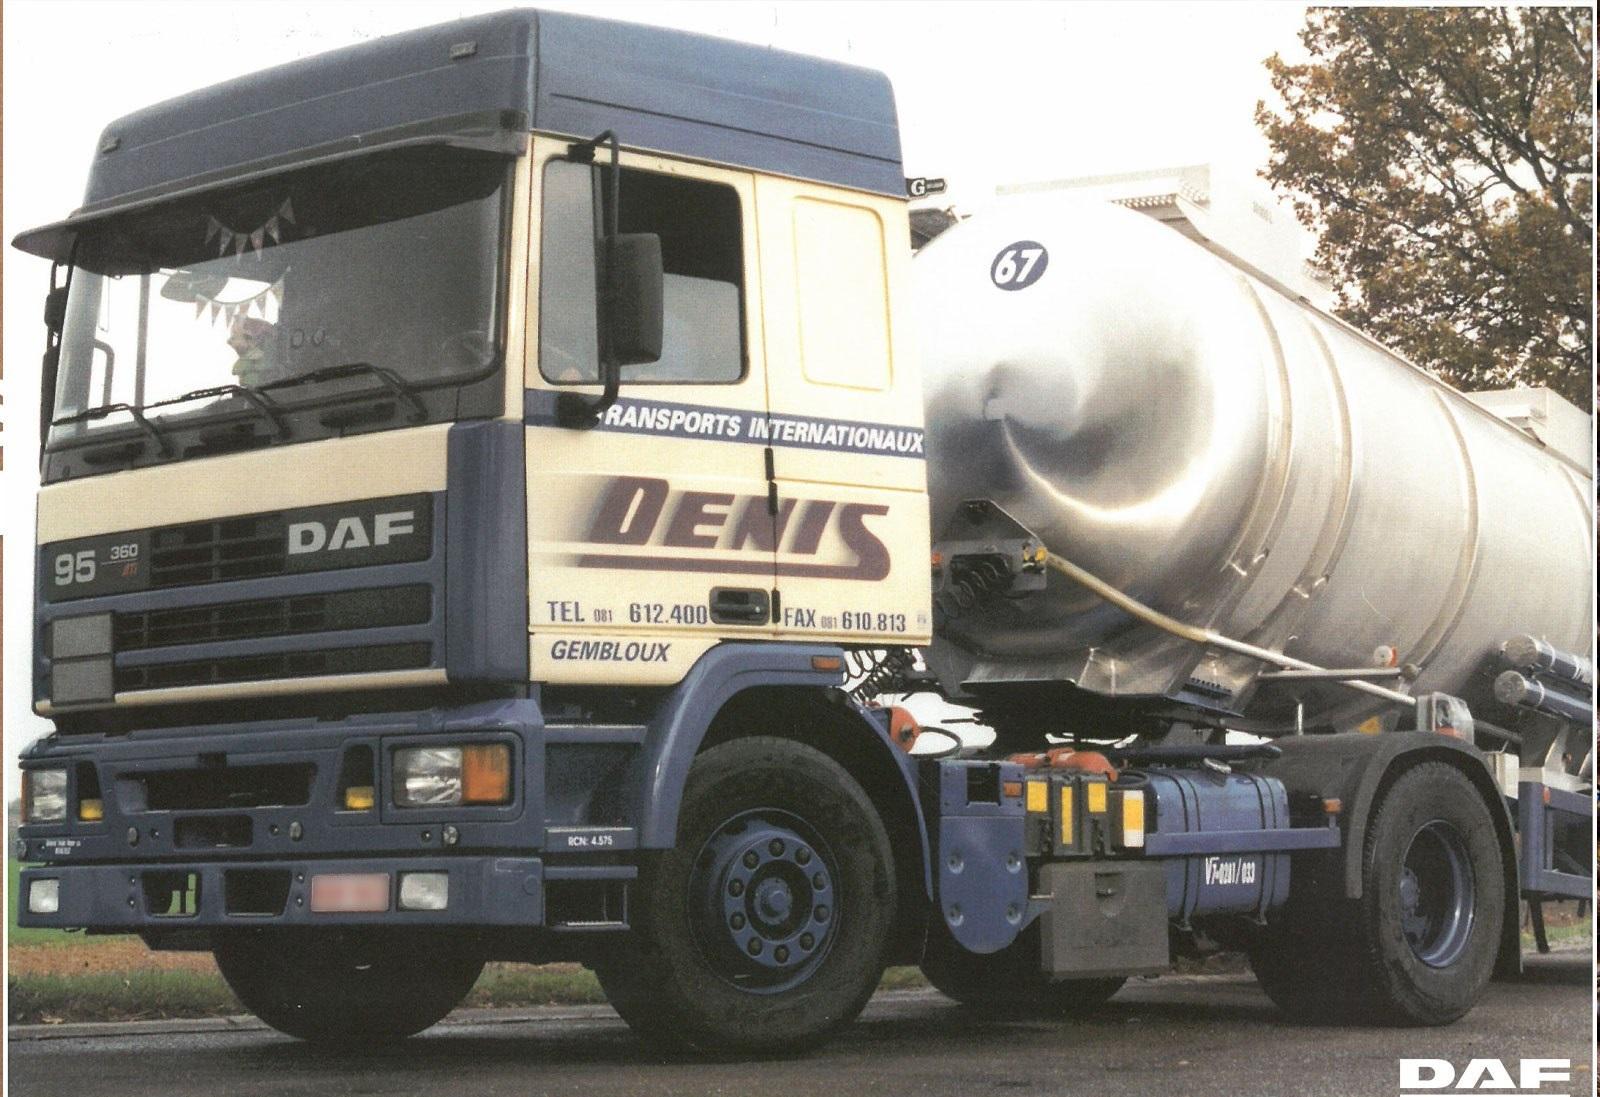 DAF-95-met-zijn-Advanced-Turbo-Intercooling-ATI-motor-zorgde-eind-jaren-80-en-begin-jaren-90-voor-nog-betere-prestaties-voor-de-chauffeur